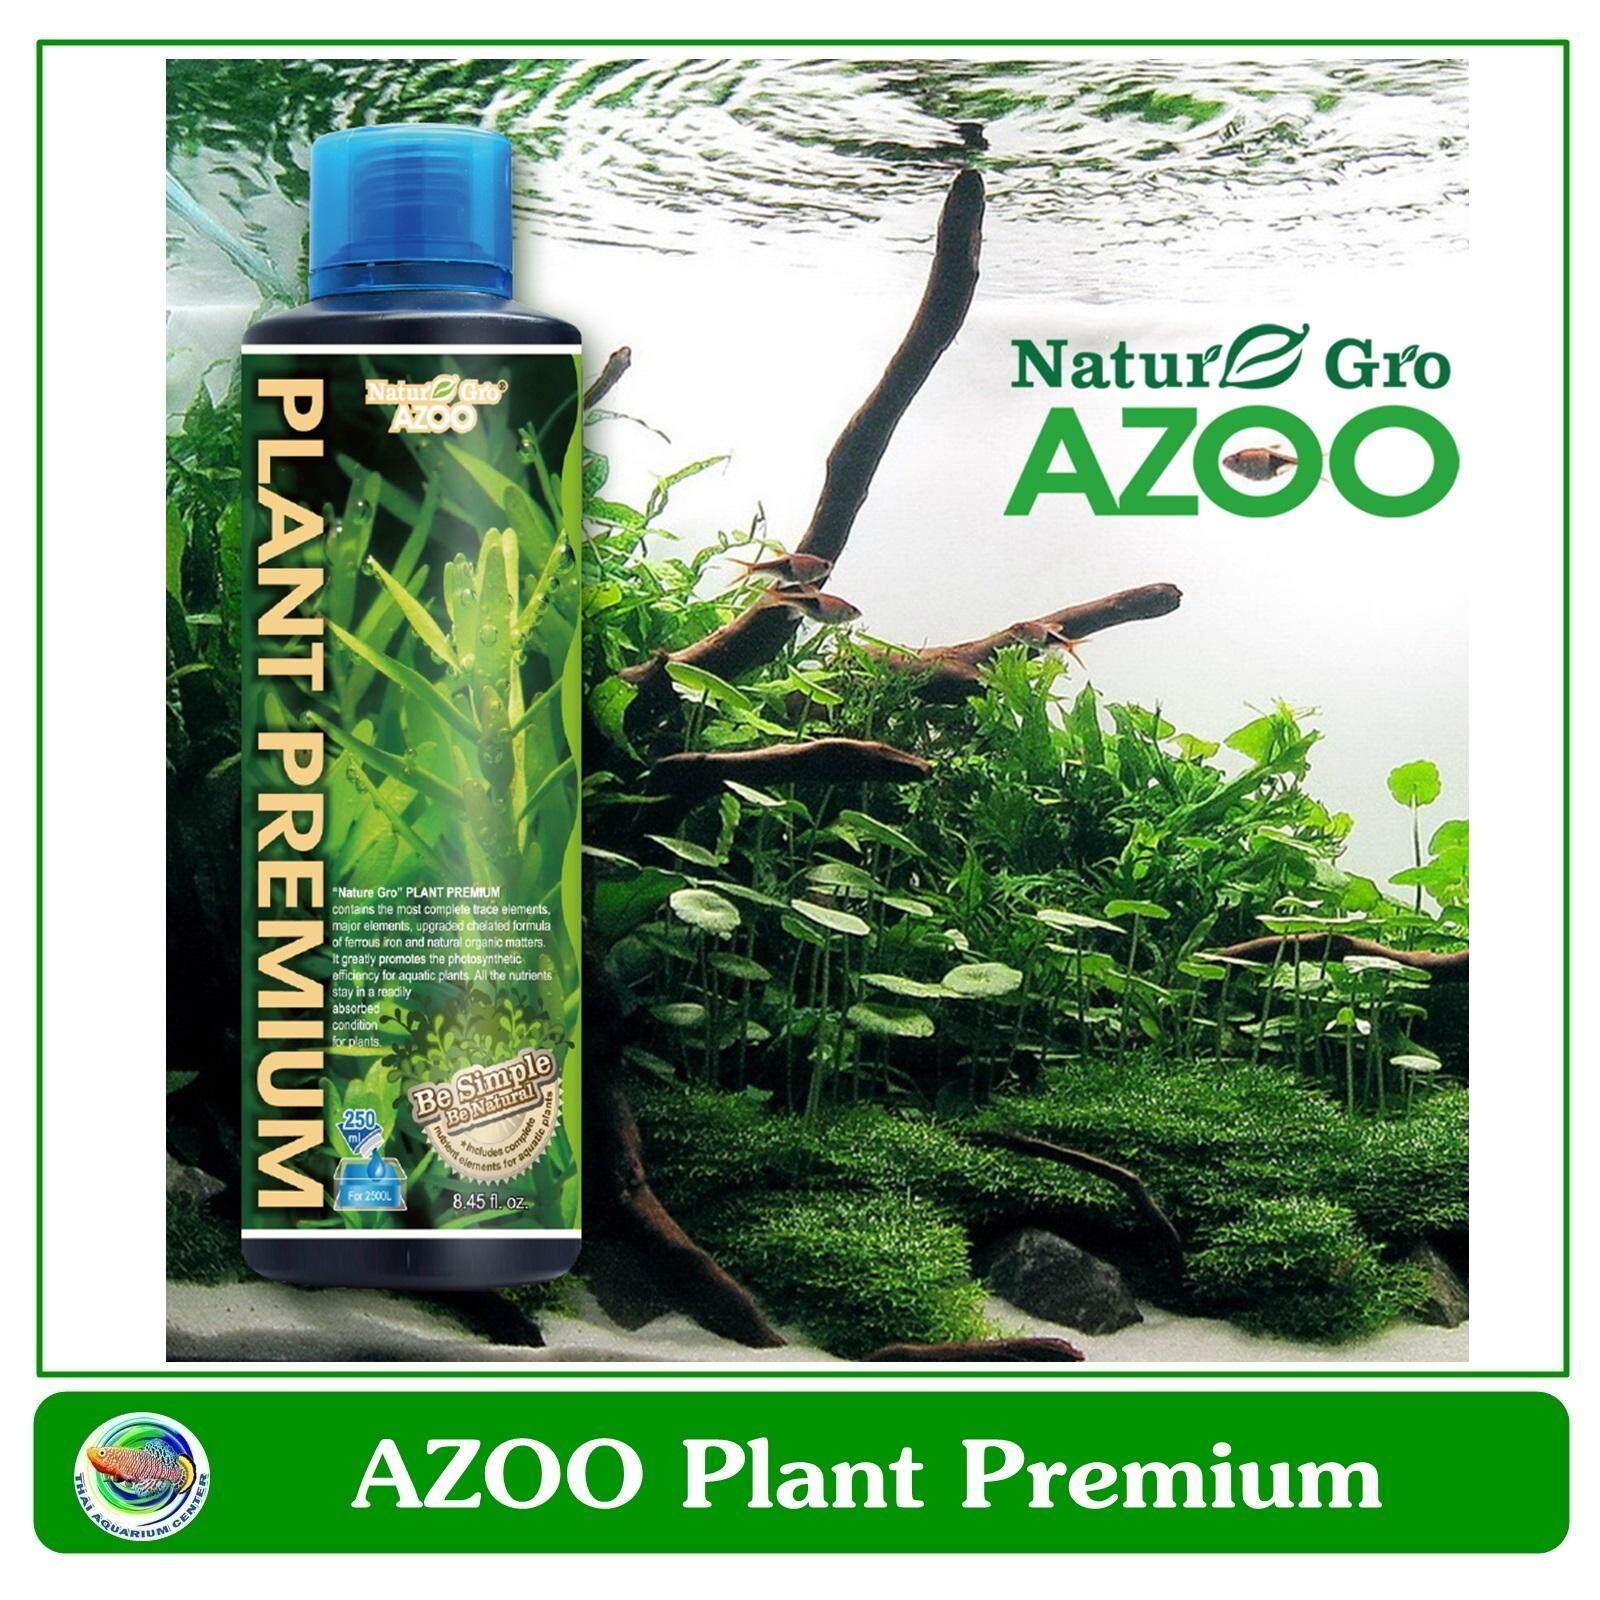 ซื้อ Azoo Plant Premium 250 Ml ปุ๋ยน้ำสำหรับไม้น้ำ ในตู้ปลา ใช้ได้ทั้งต้นไม้สีเขียวและต้นไม้สีแดง ออนไลน์ ถูก